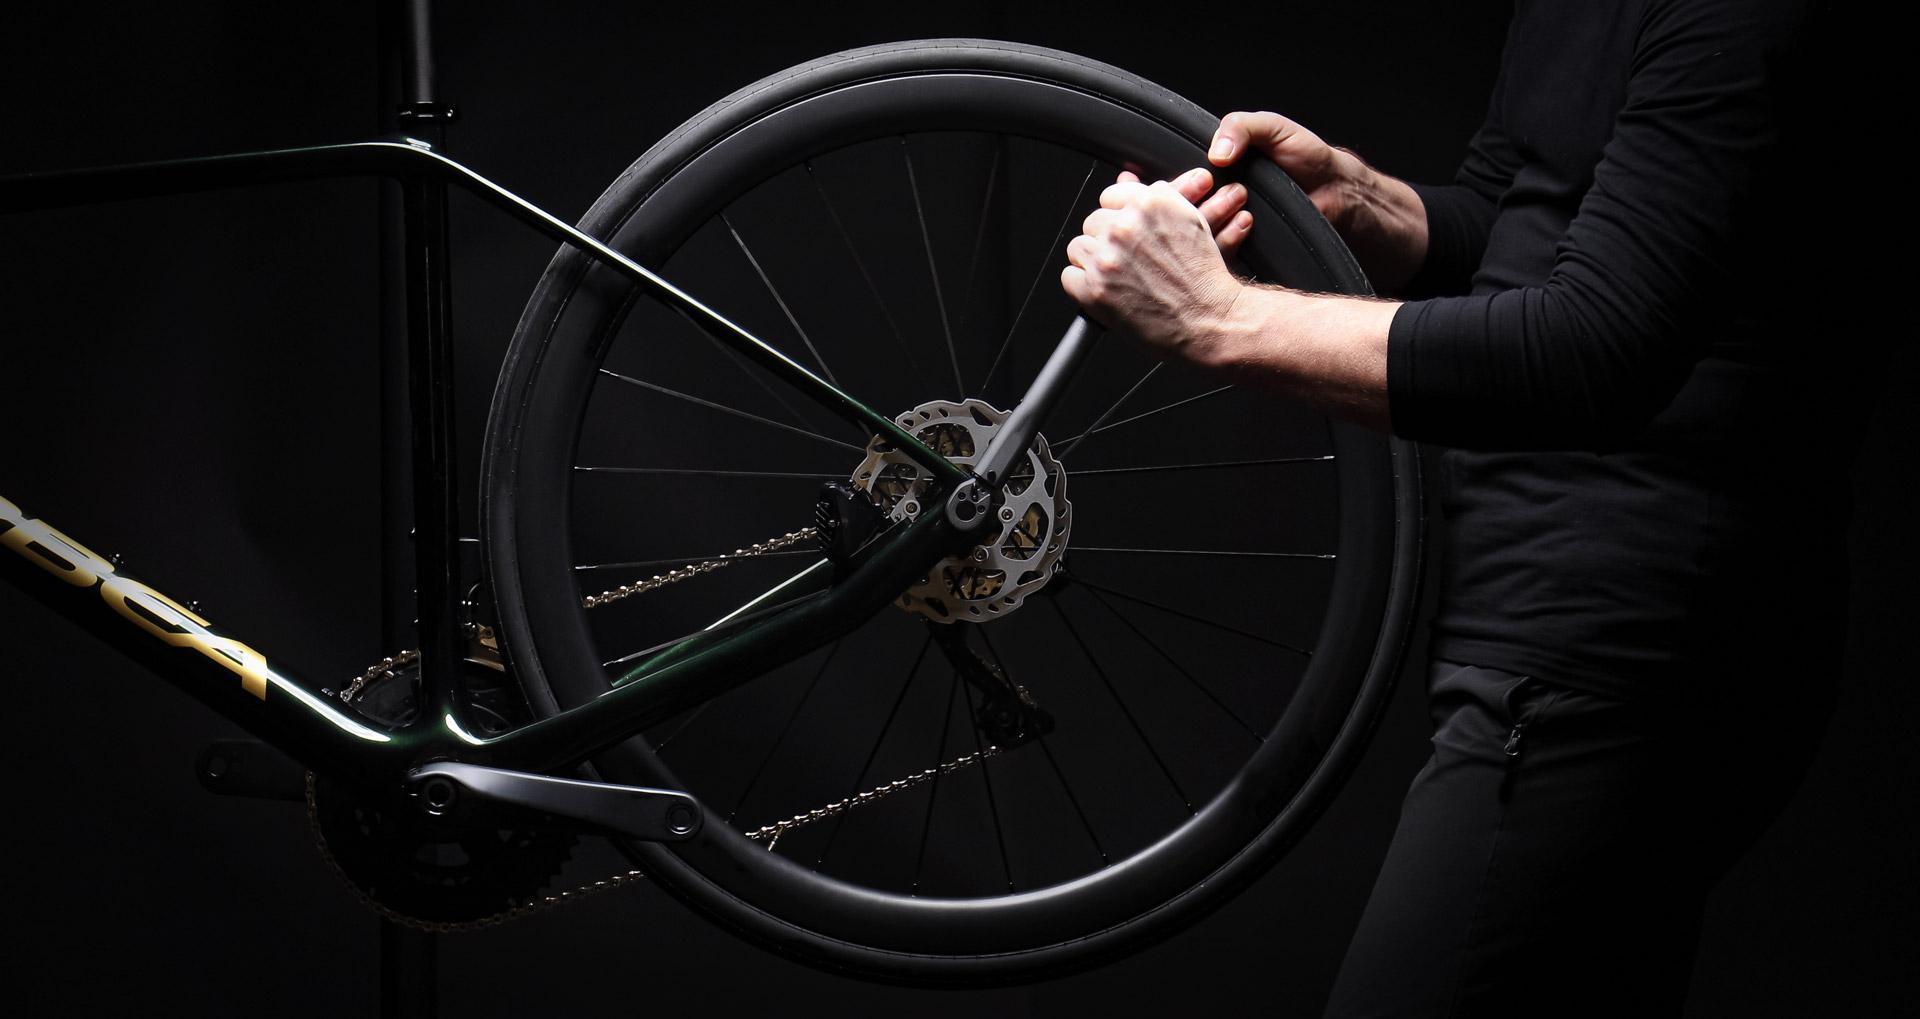 Bild aus der Werkstatt von Star Bicycle zum Thema Service